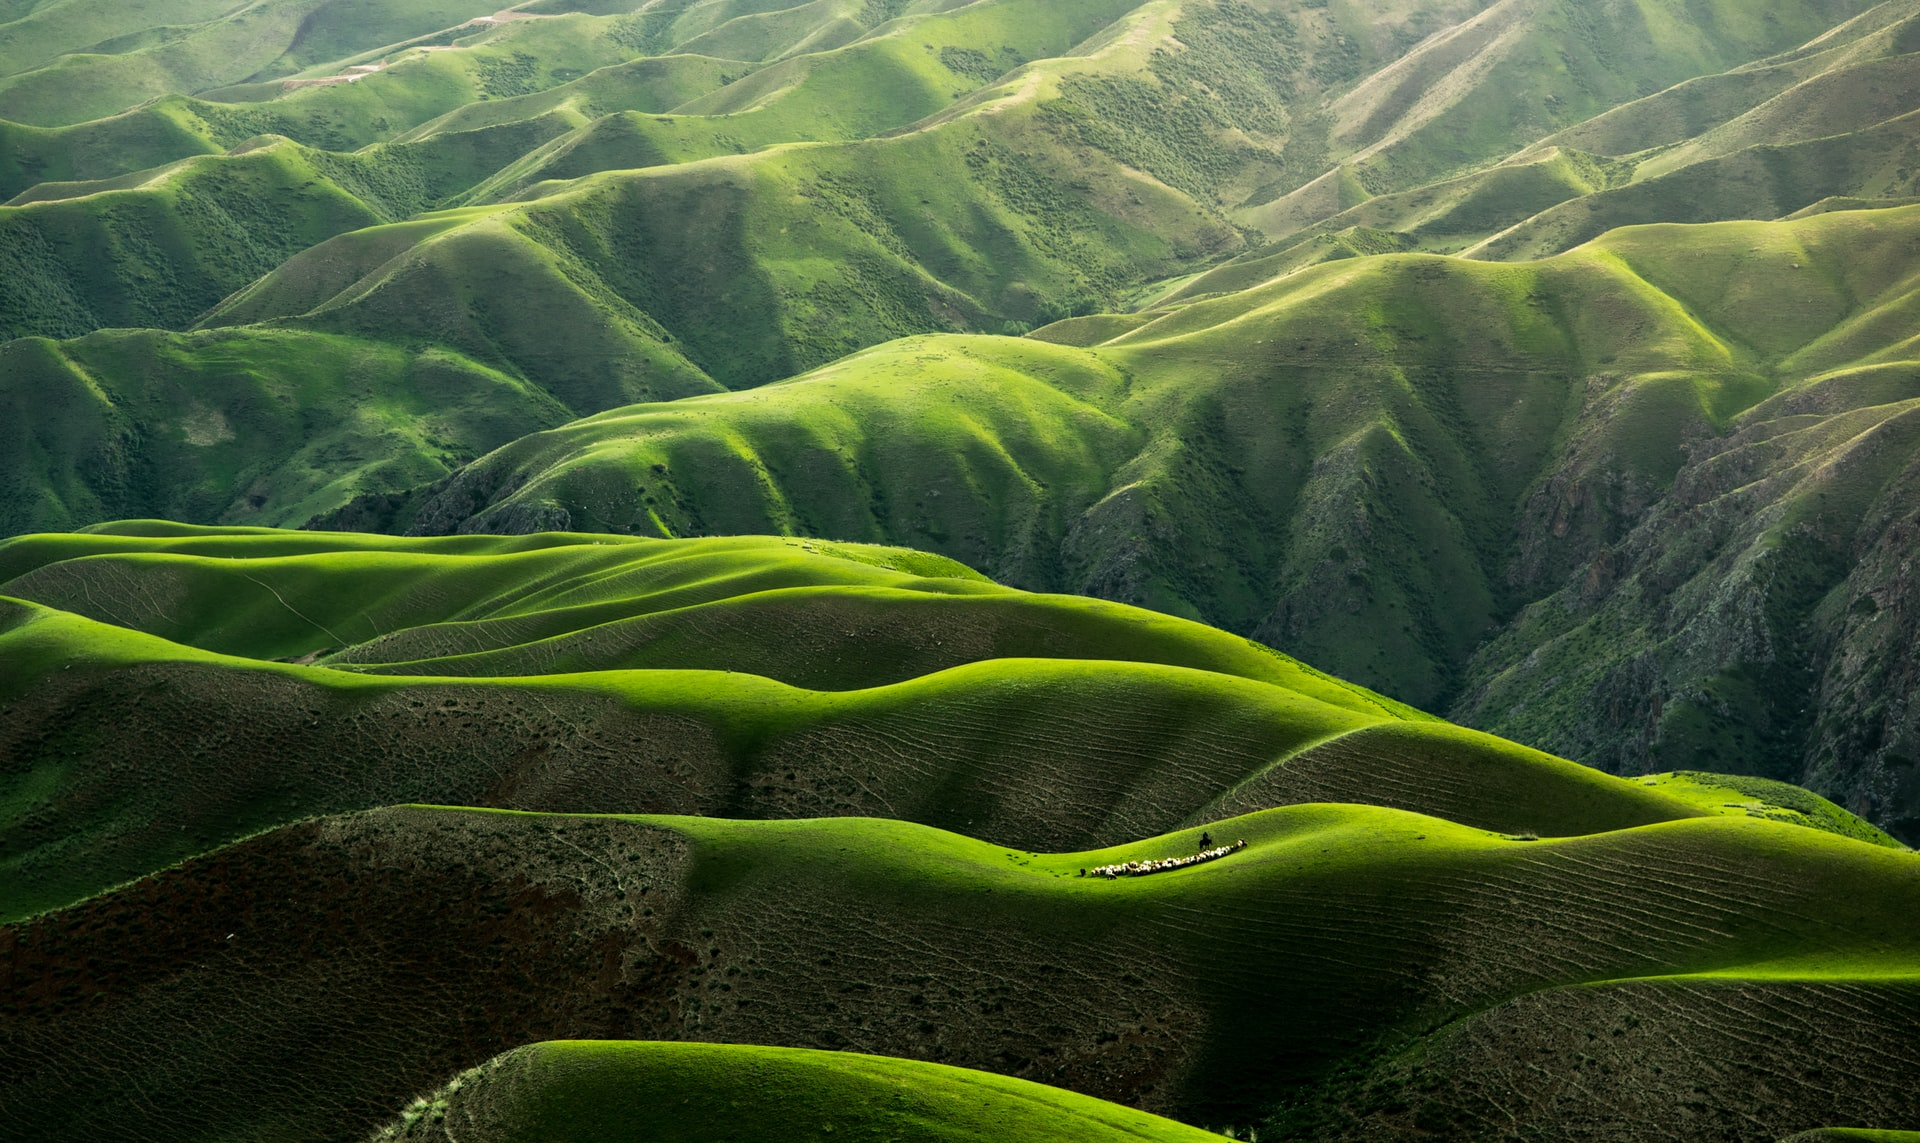 Lush green mountains. Qingbao Meng